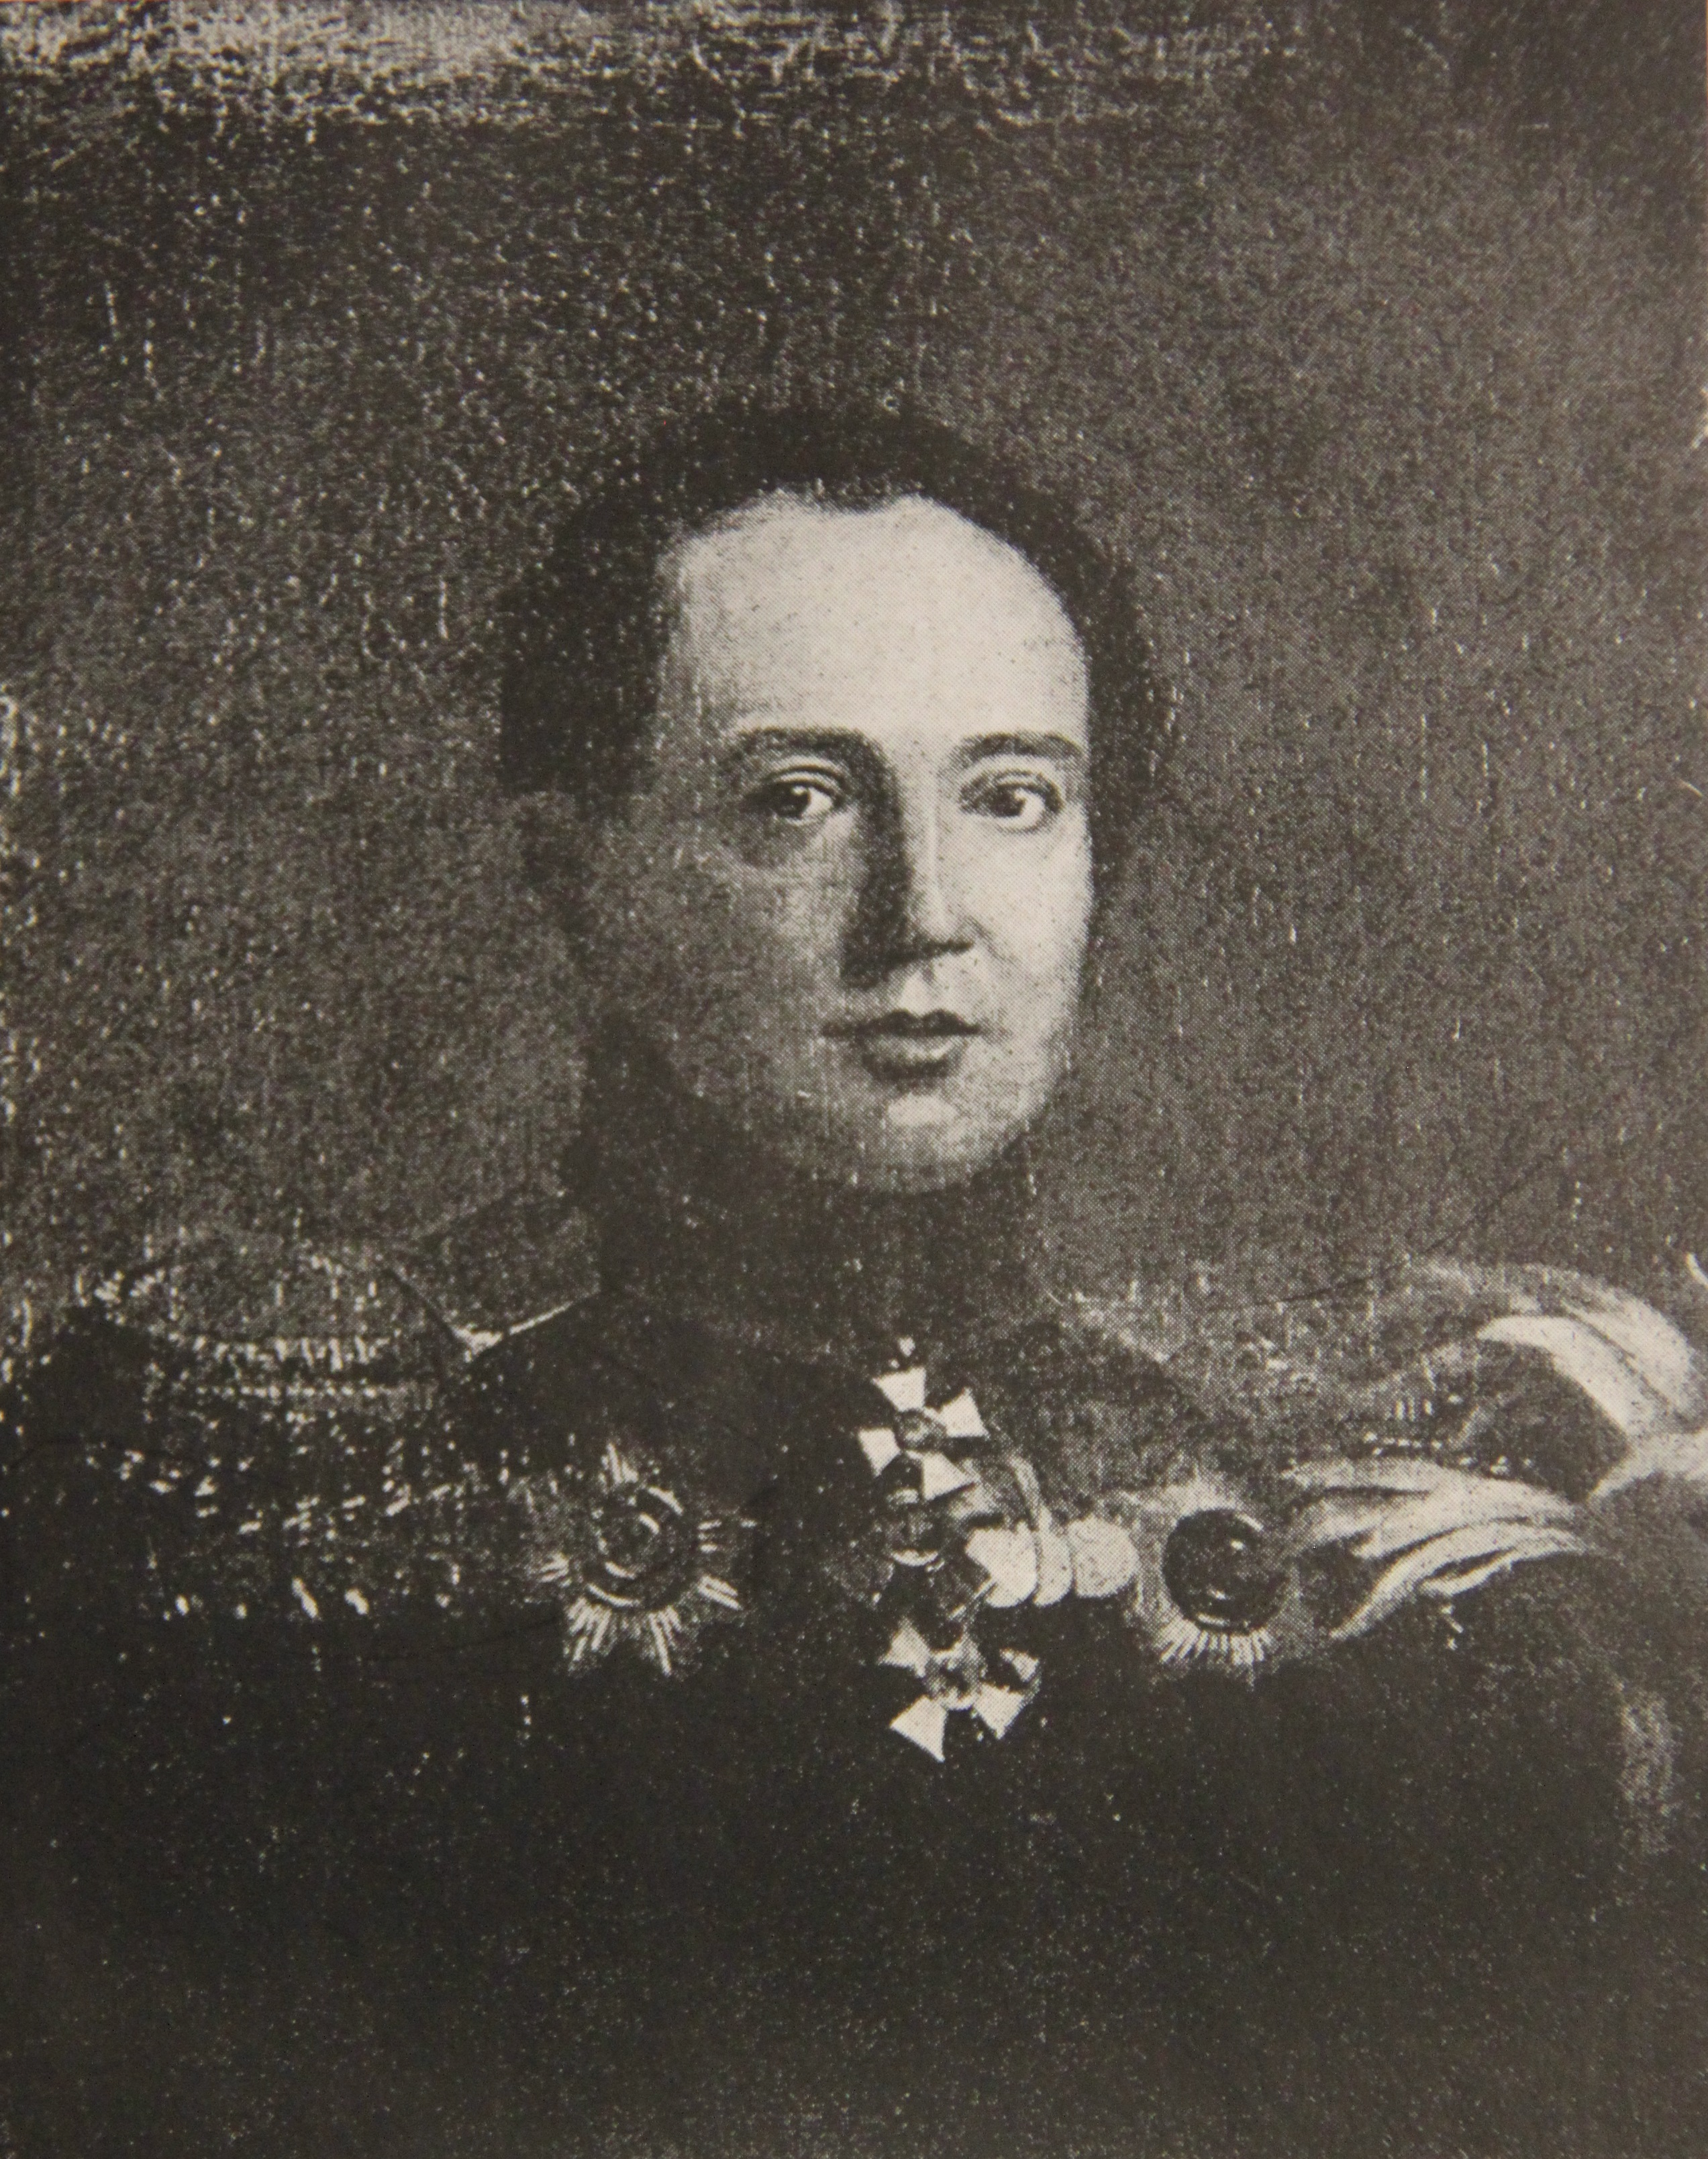 Николай Семенович Сулима, дед П.А.Кропоткина со стороны матери